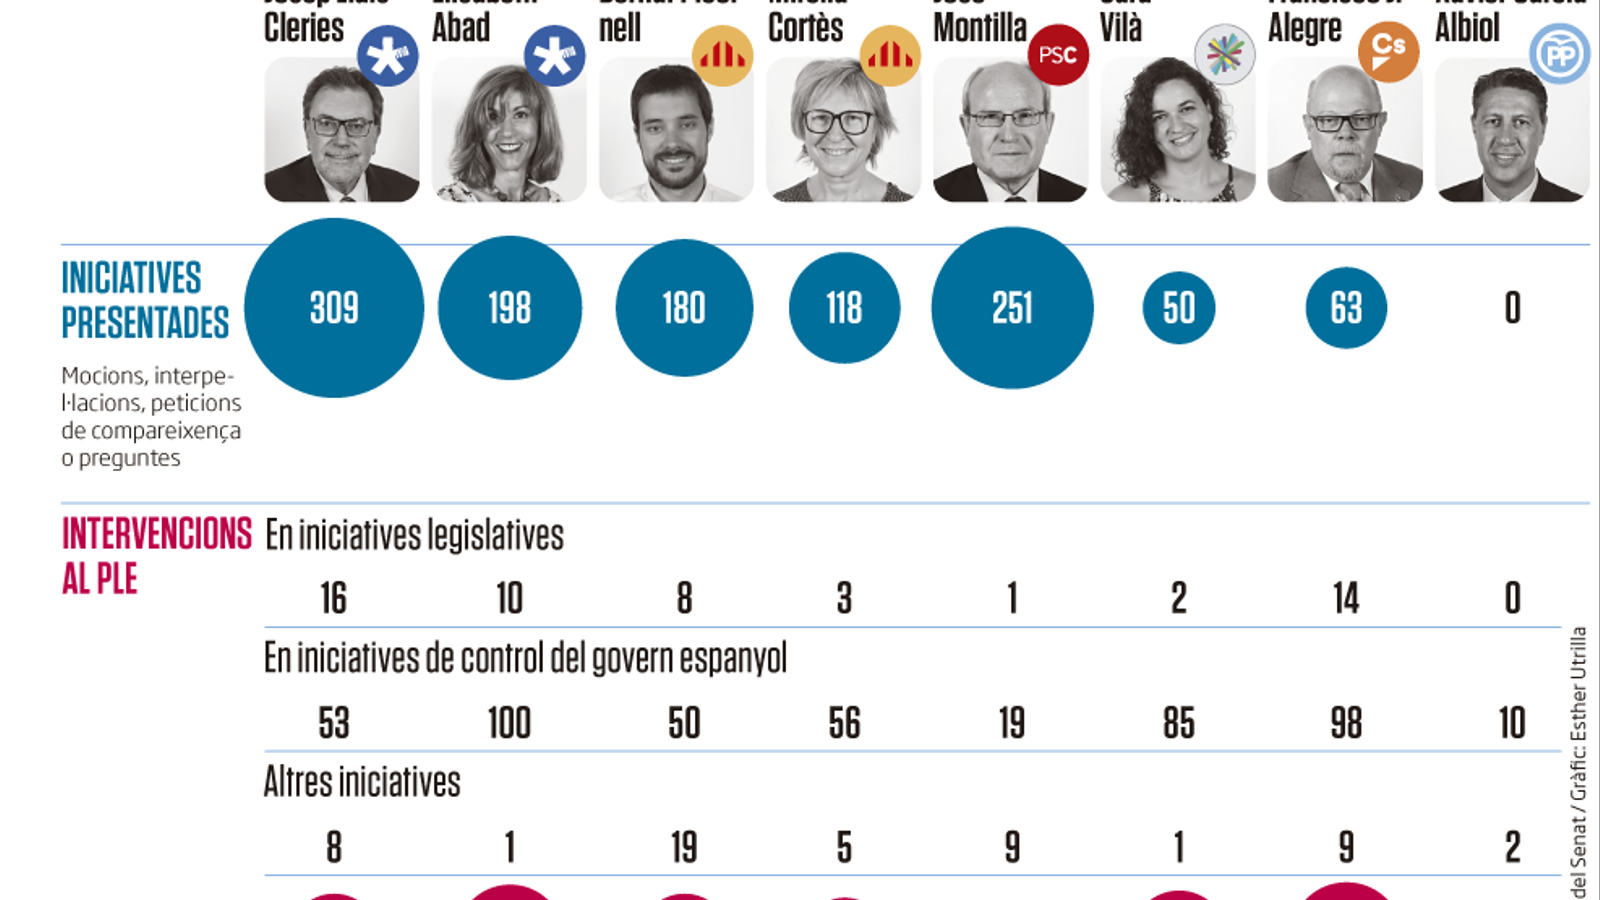 Albiol ha sigut el senador català menys actiu a la cambra alta